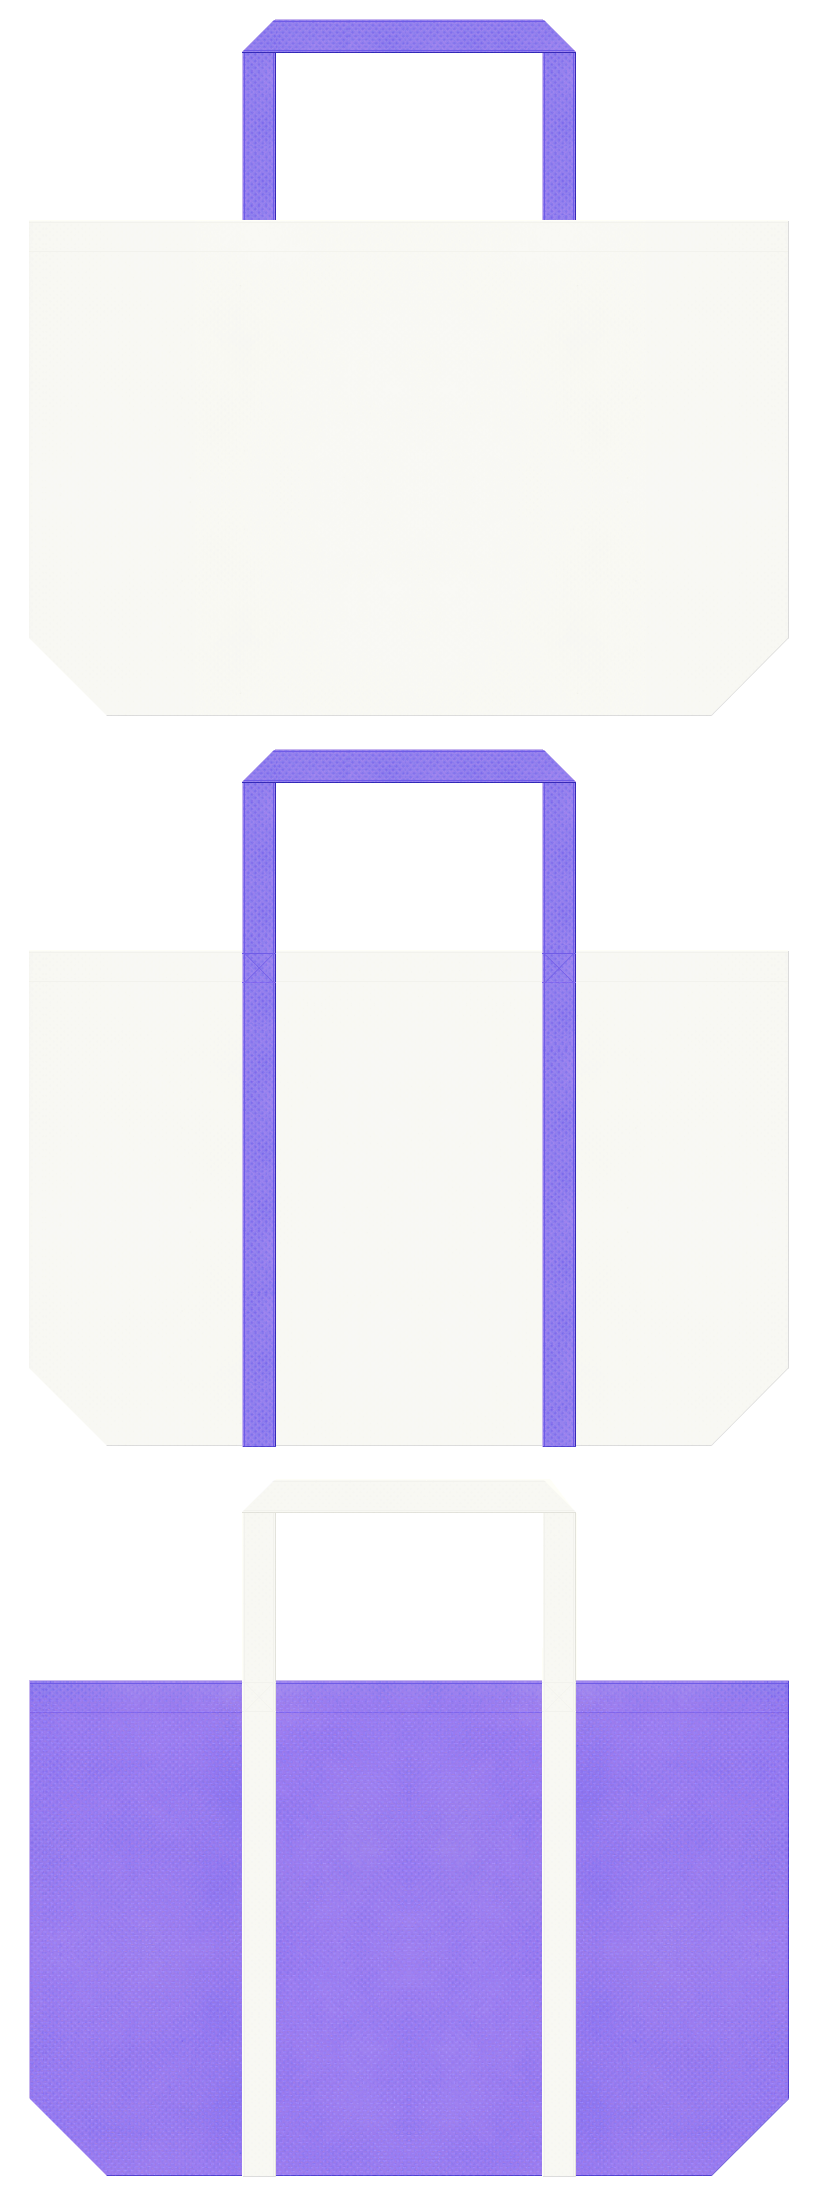 オフホワイト色と薄紫色の不織布ショッピングバッグのデザイン:空調・衛生設備にお奨めの配色です。